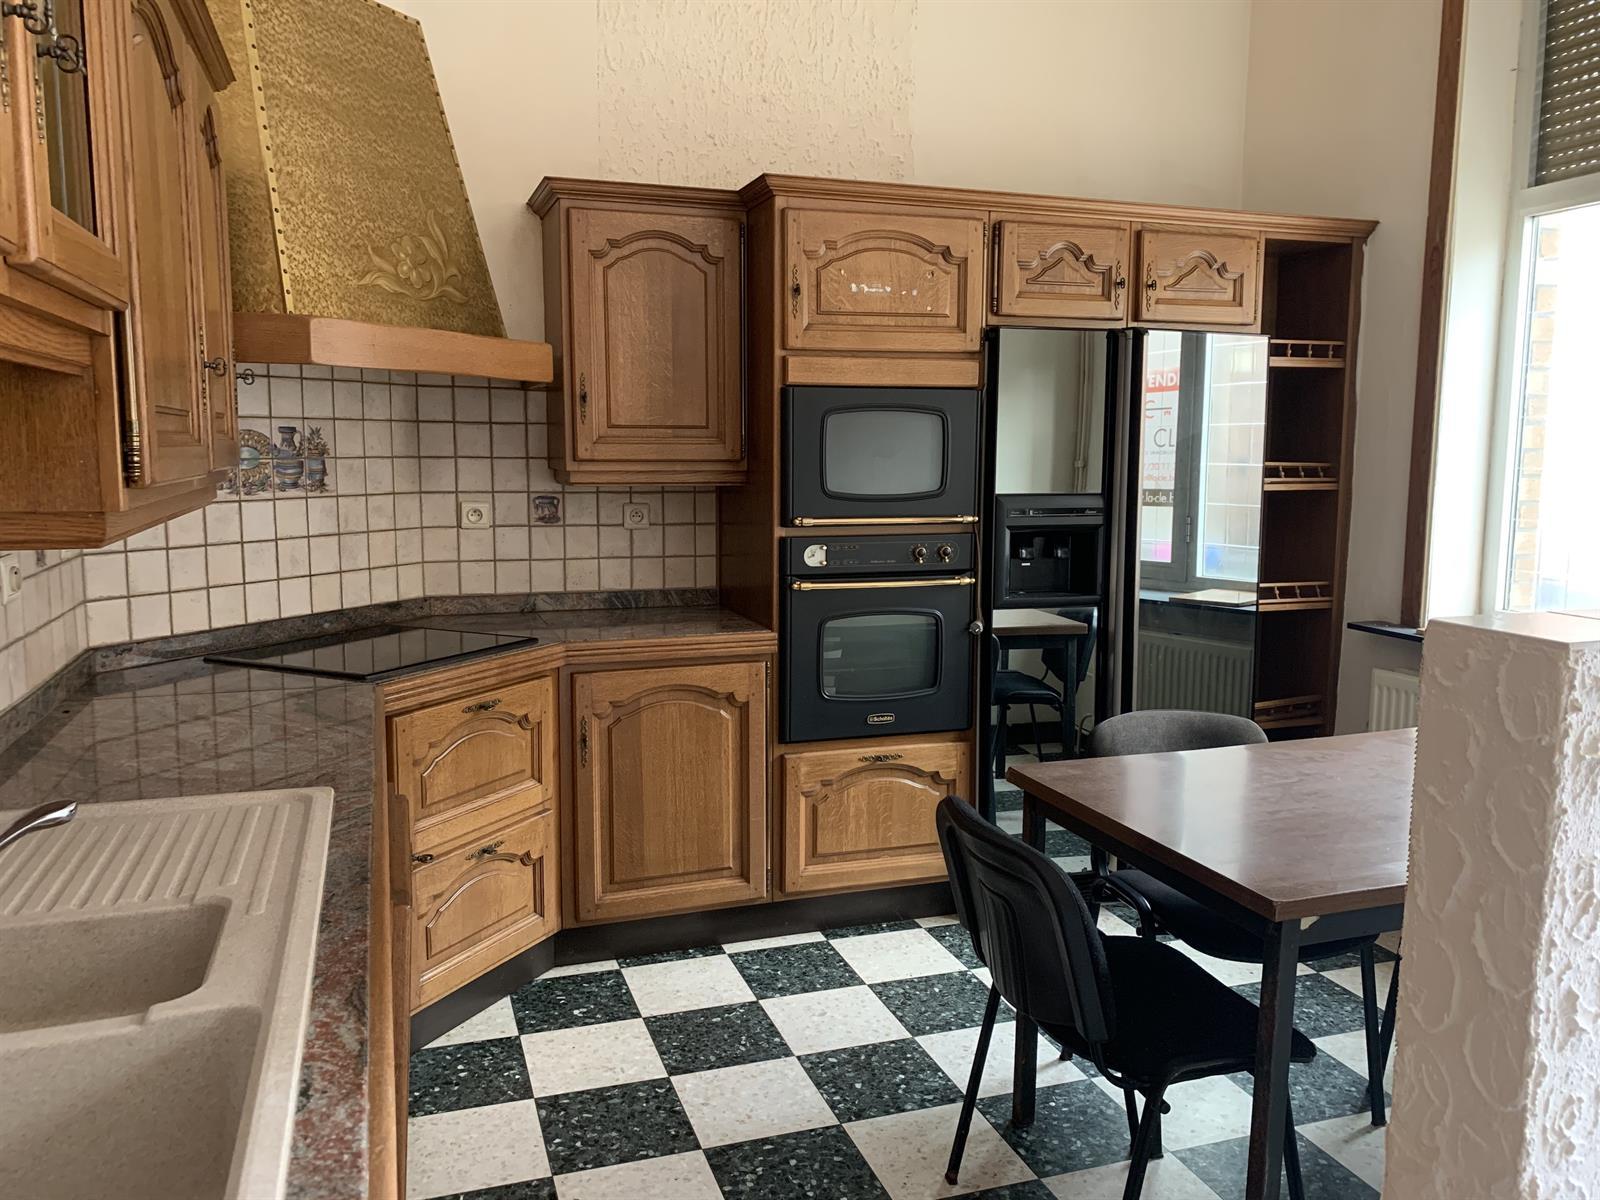 Maison - Fontainel'Evêque Forchiesla-Marche - #4281156-1